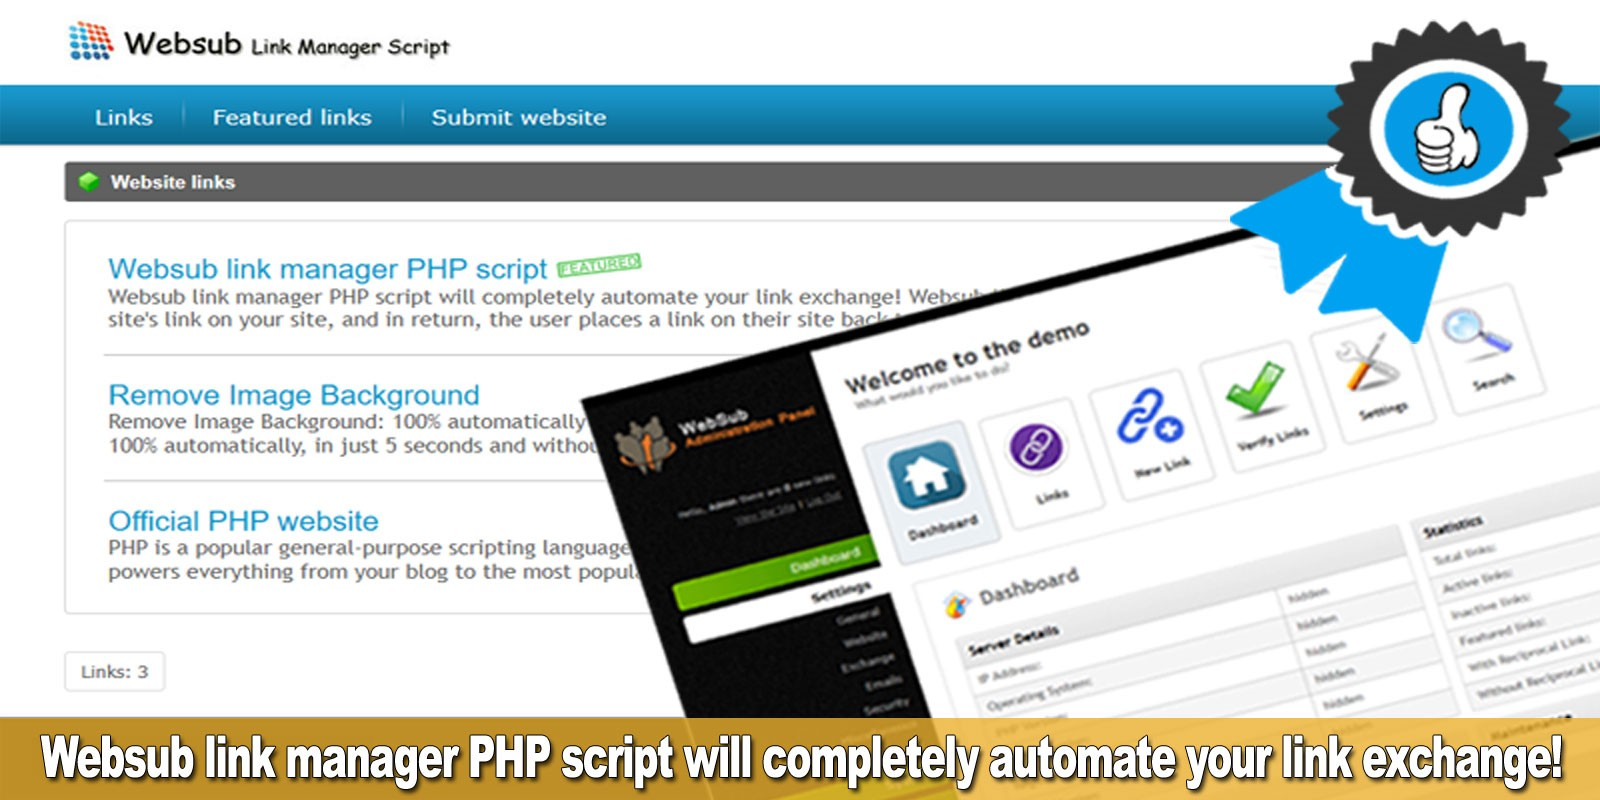 Websub Link Manager - PHP Script